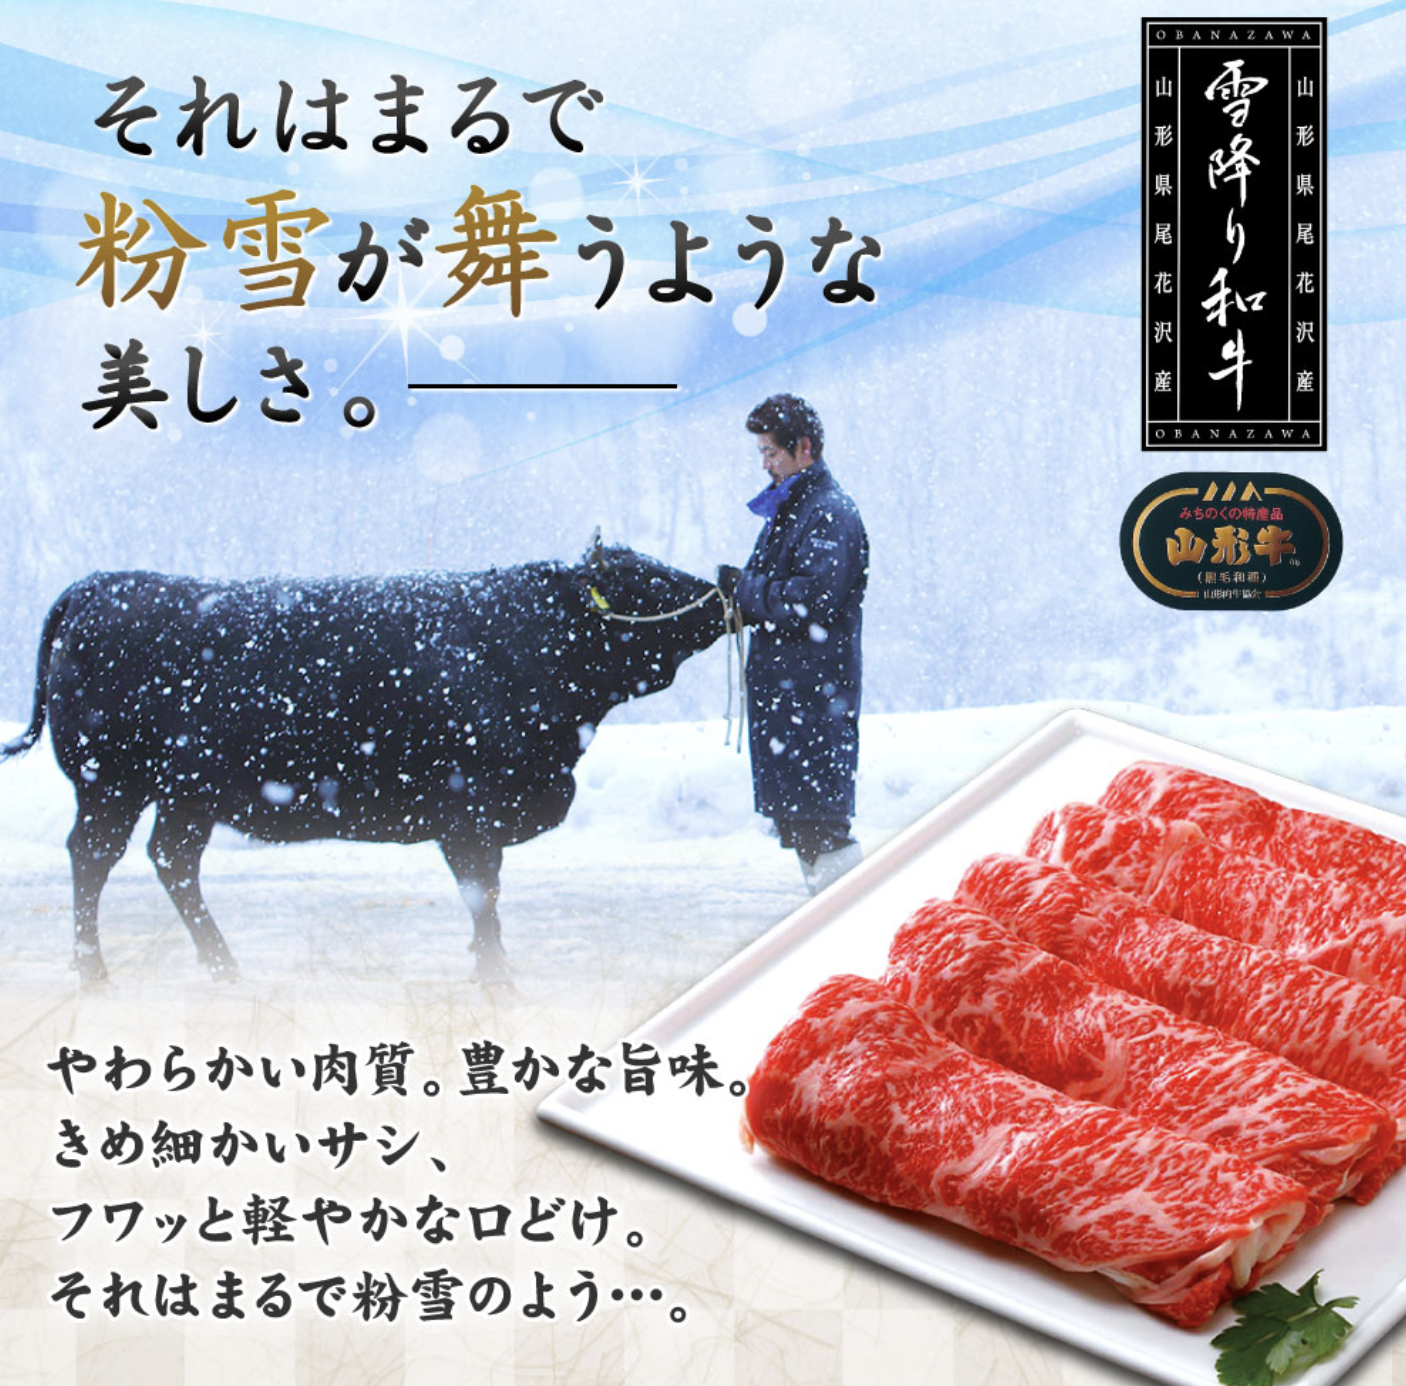 【雪降り和牛】極上サーロインステーキ 3人前 200g×3枚 山形牛 A4-5ランク